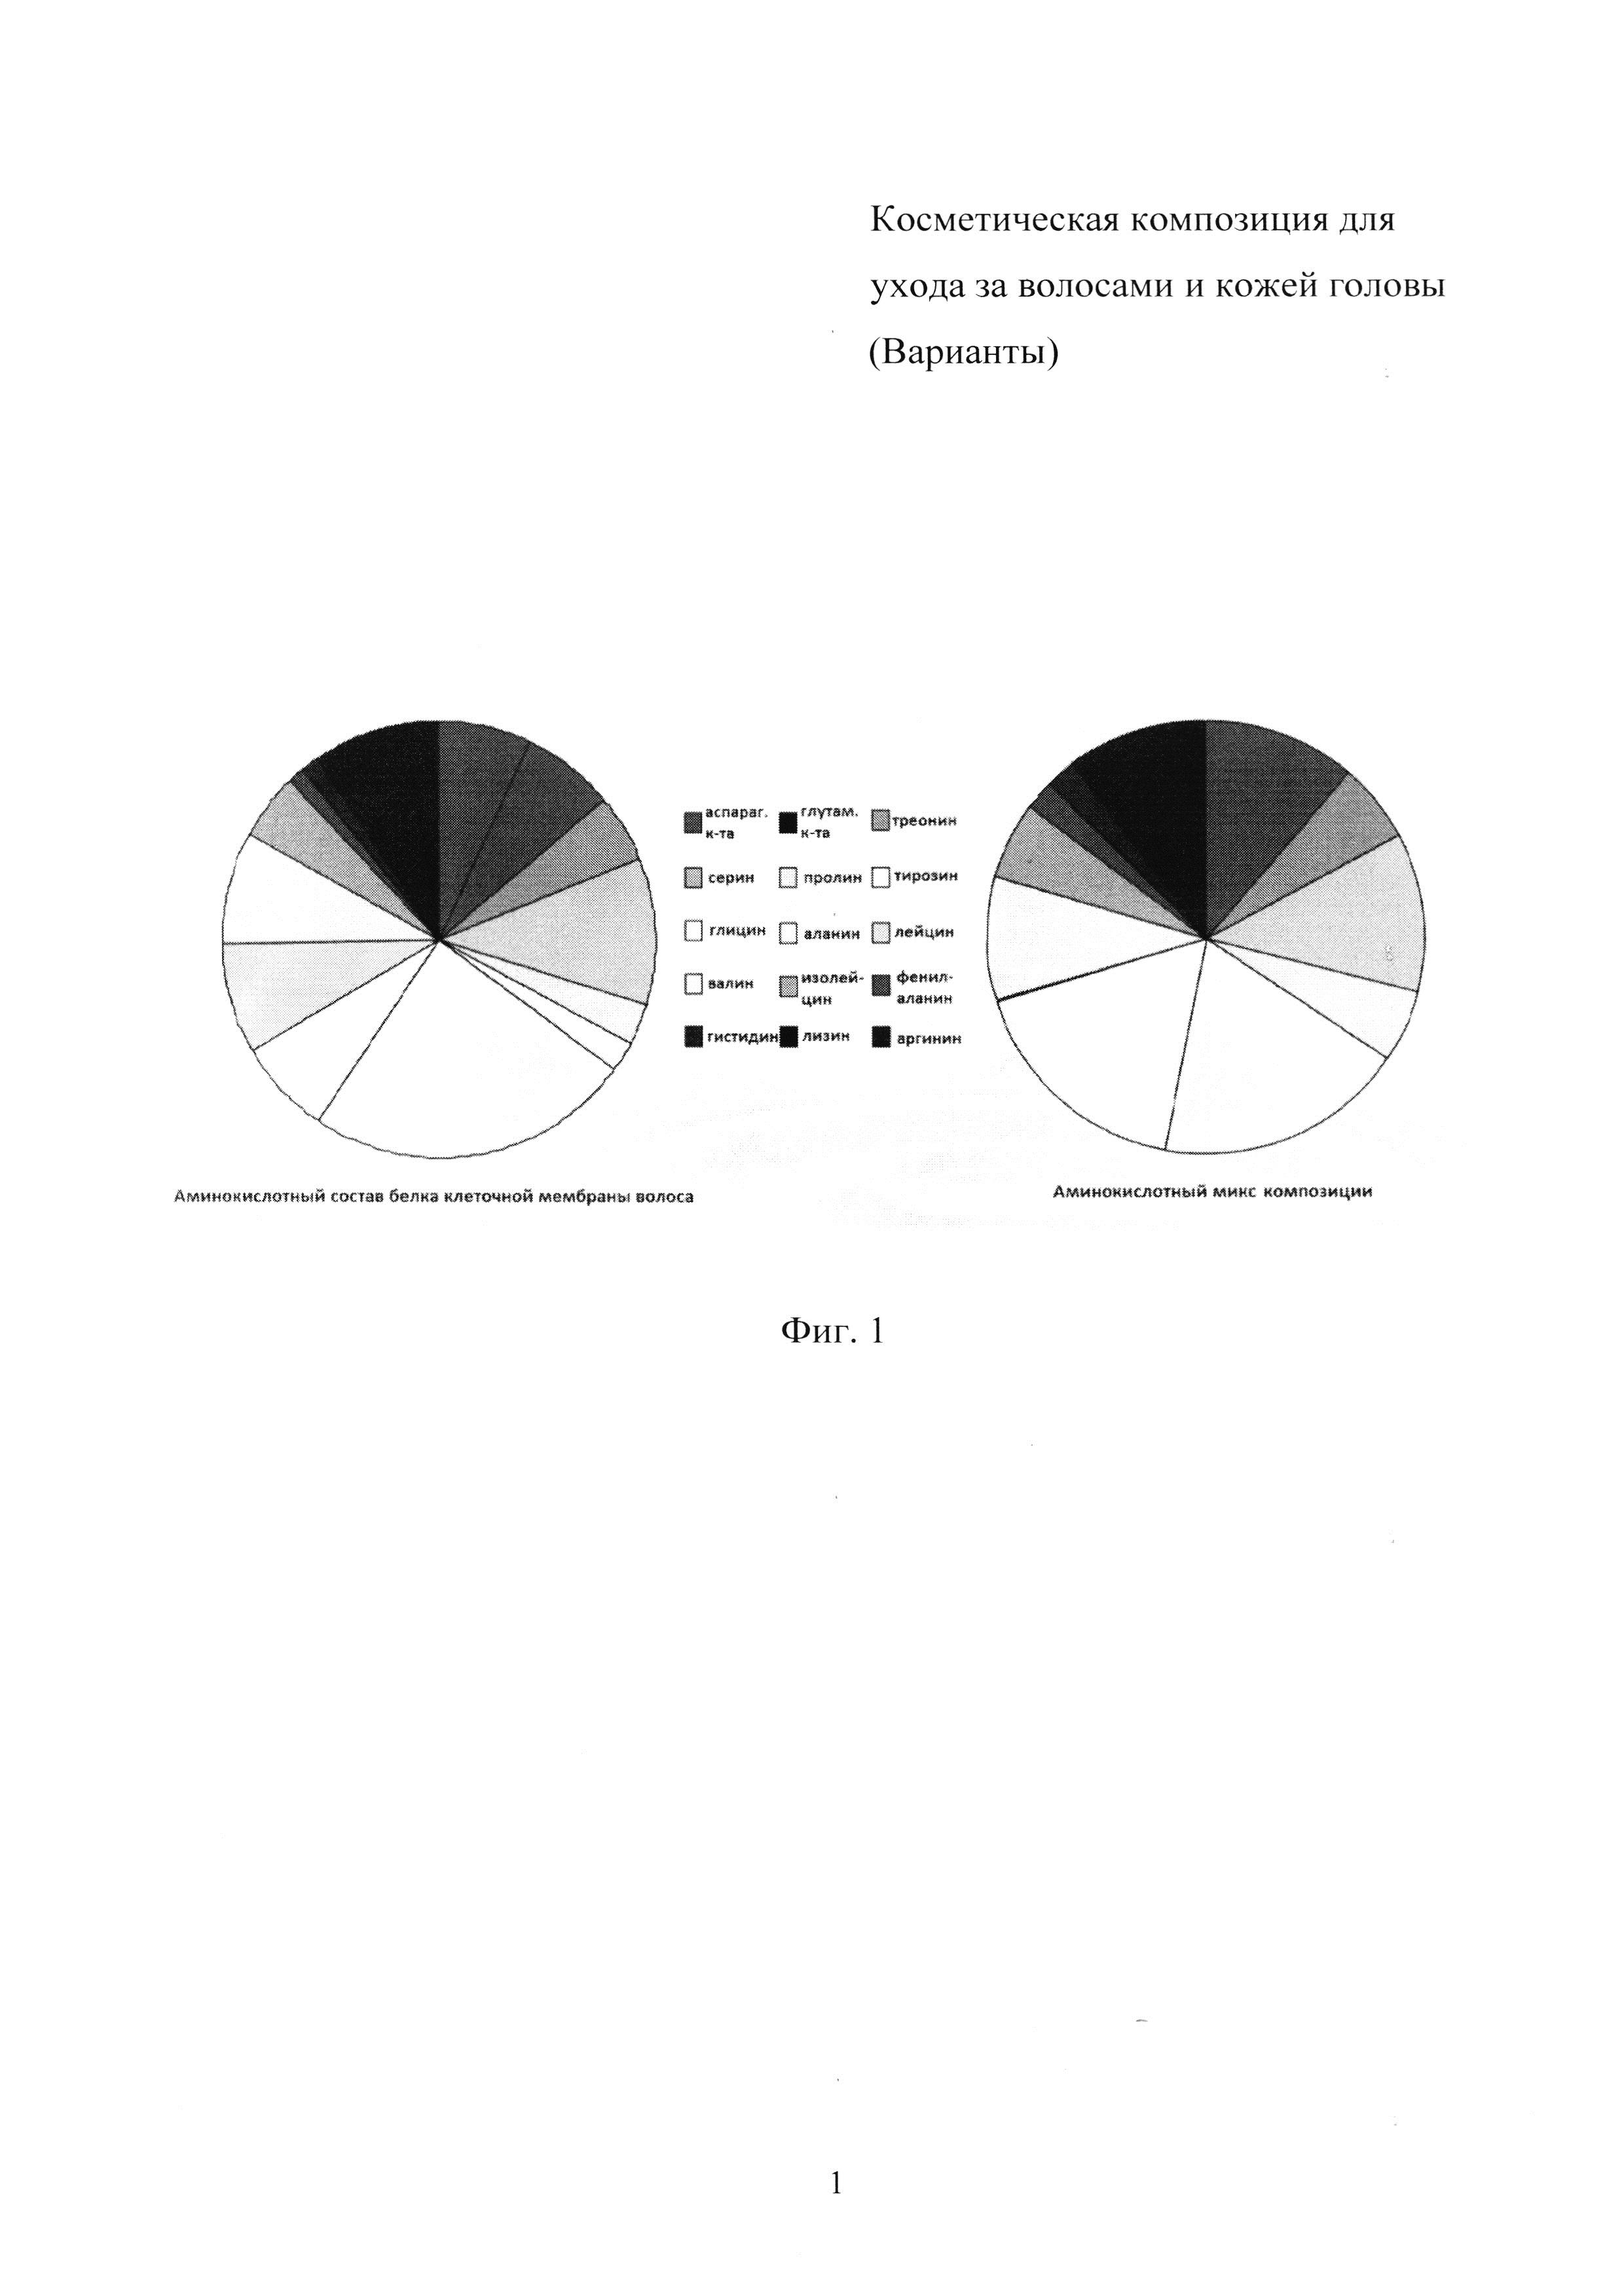 Косметическая композиция для ухода за волосами и кожей головы (варианты)